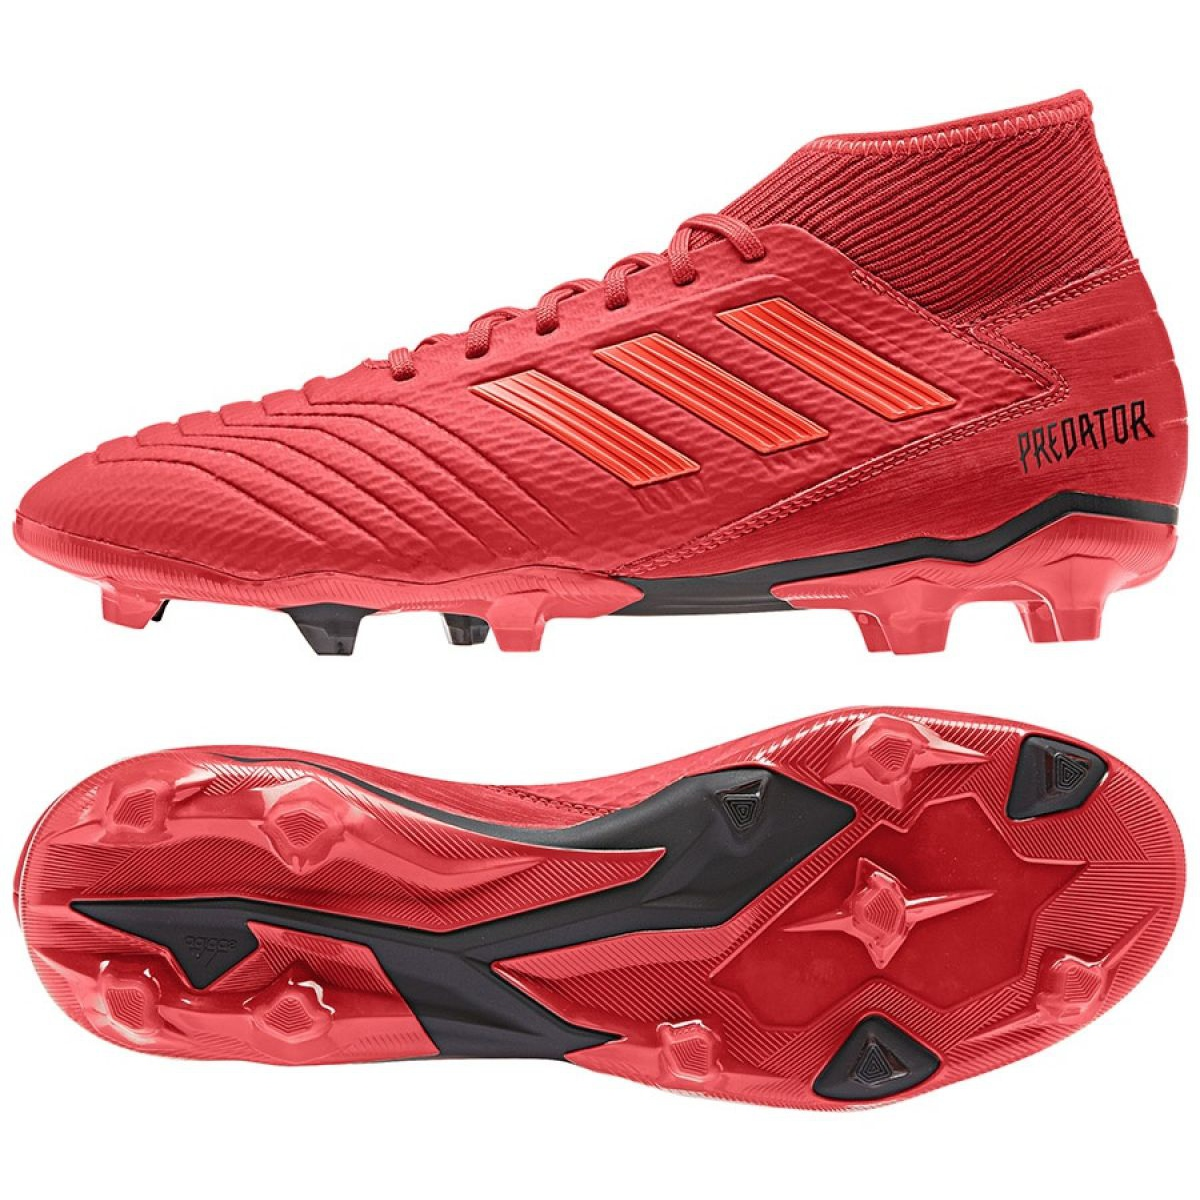 Chuteiras de futebol adidas Predator 19.3 Fg M BB9334 vermelho multicolorido